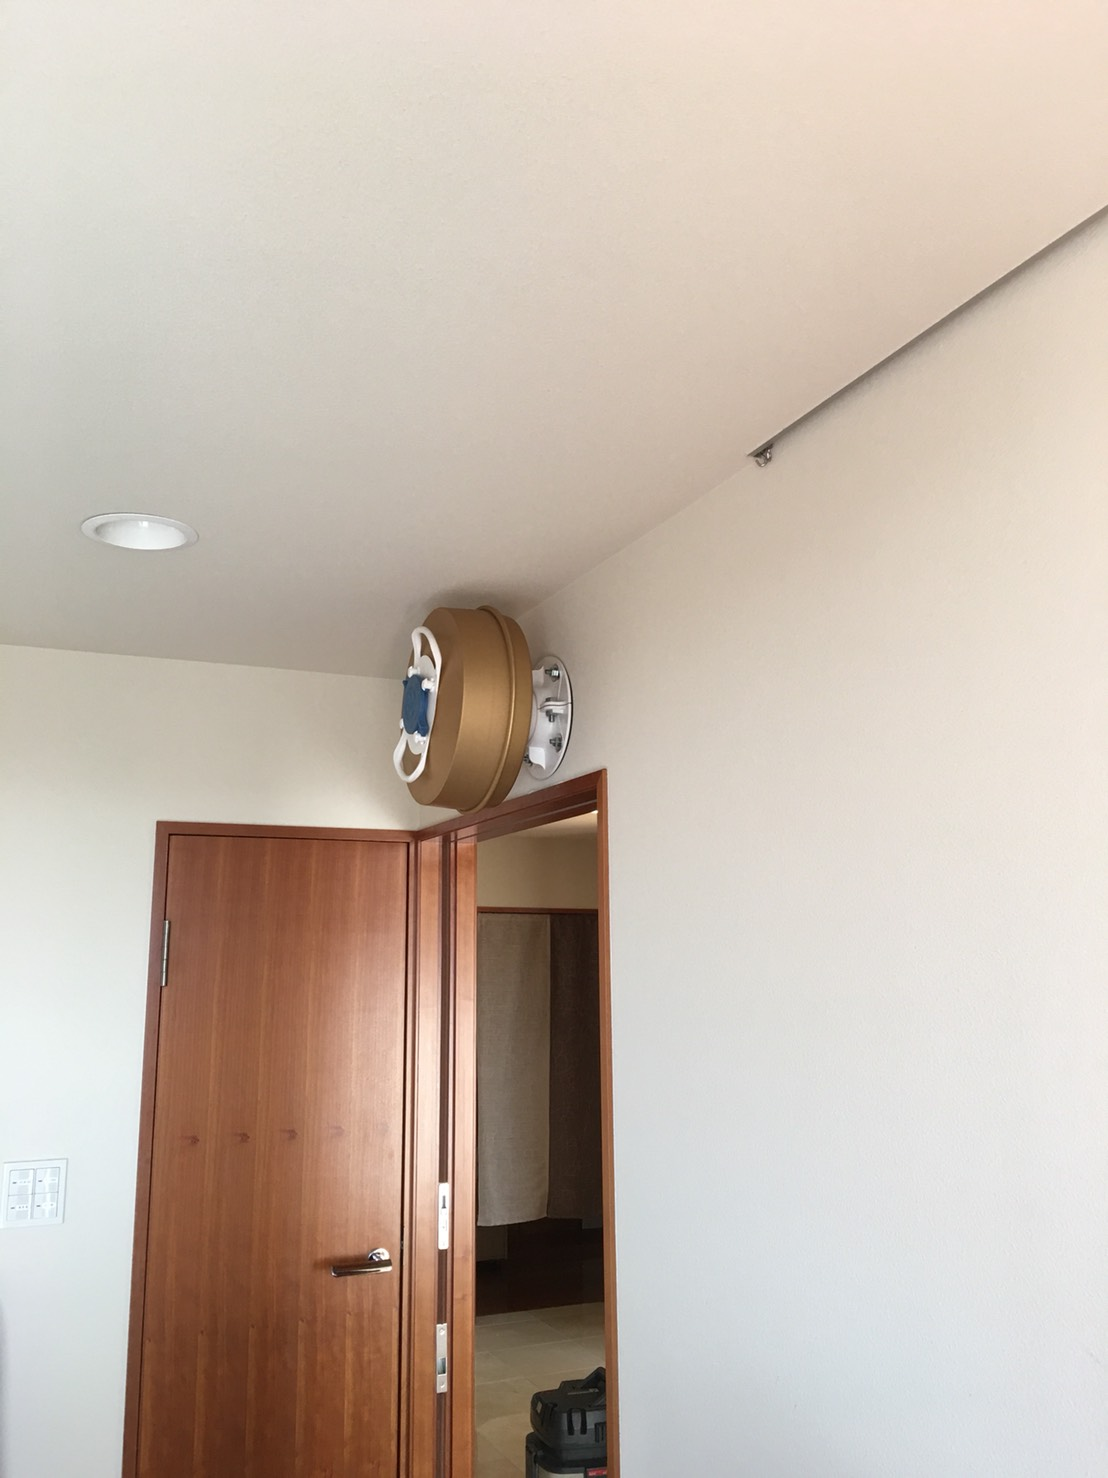 岡山レインボー36V設置事例フィルター設置